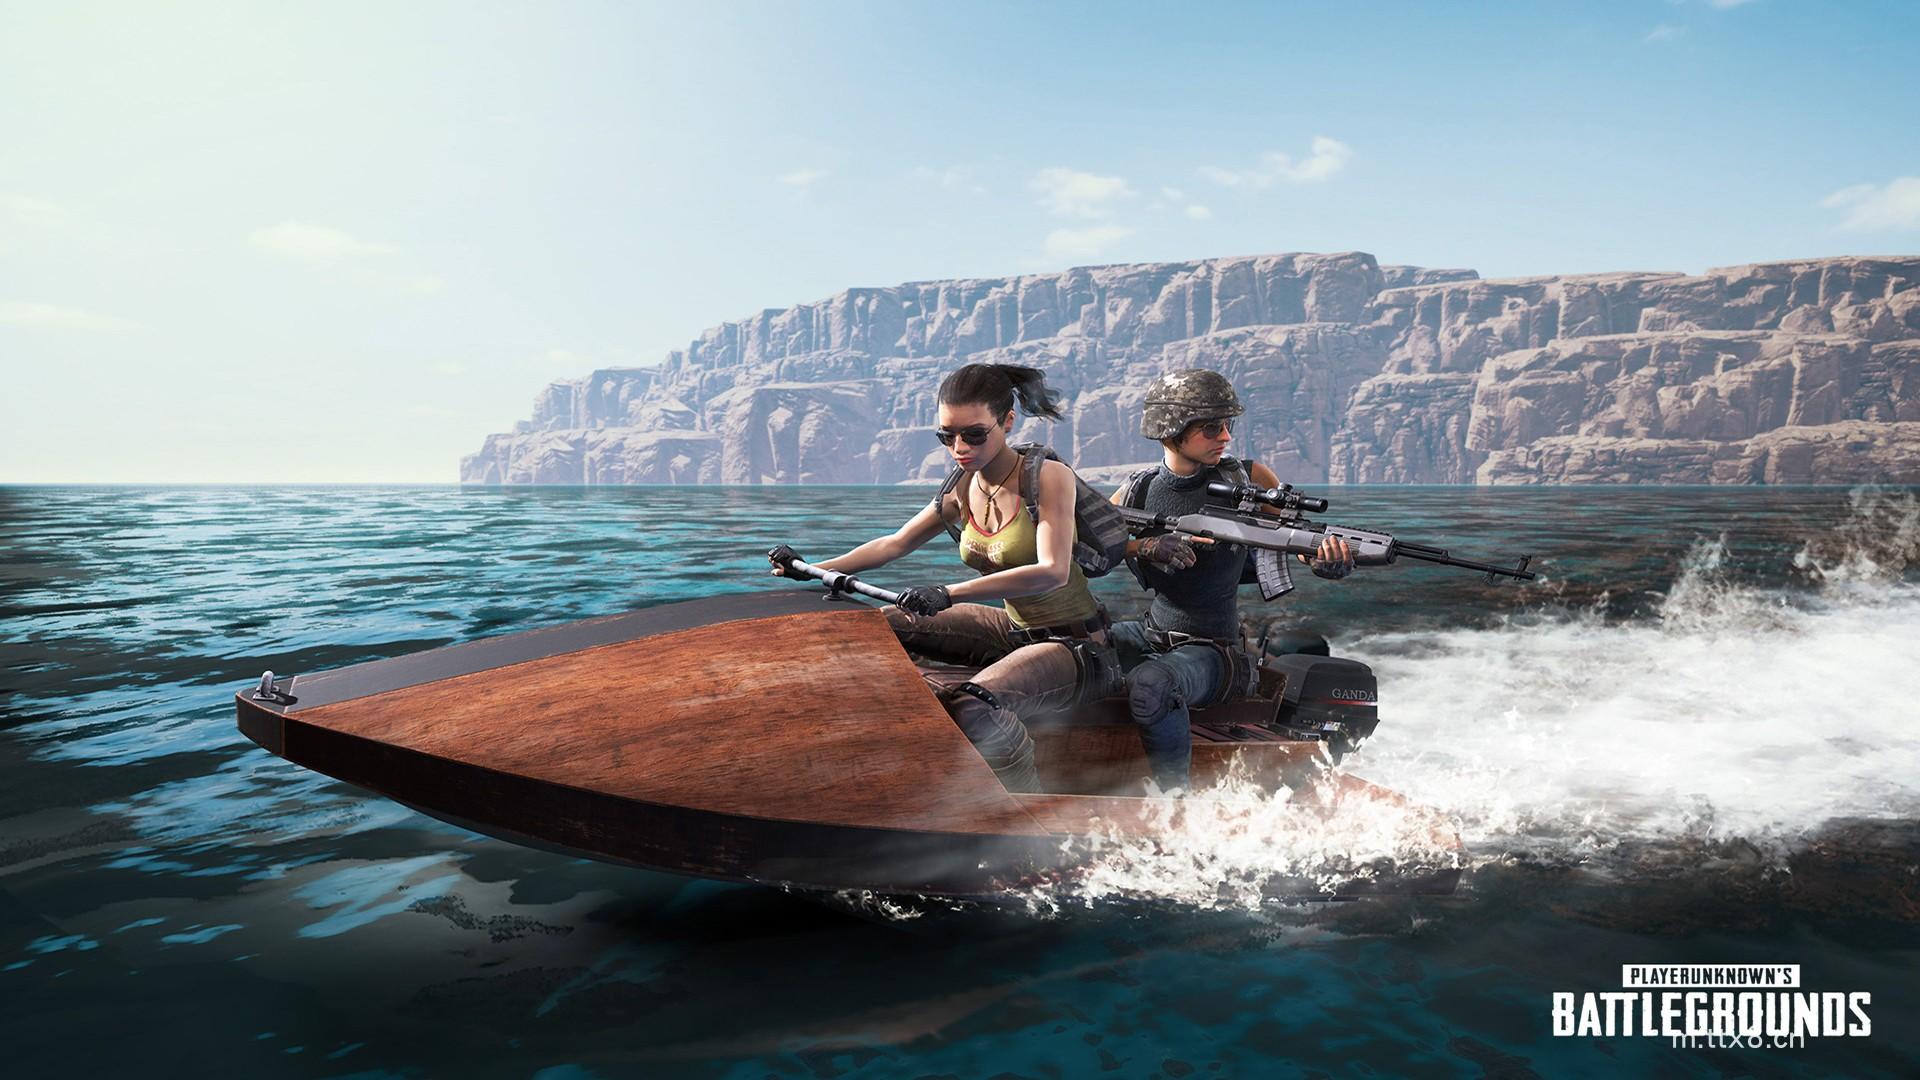 《绝地求生》高清游戏原画场景图片桌面壁纸12.jpg